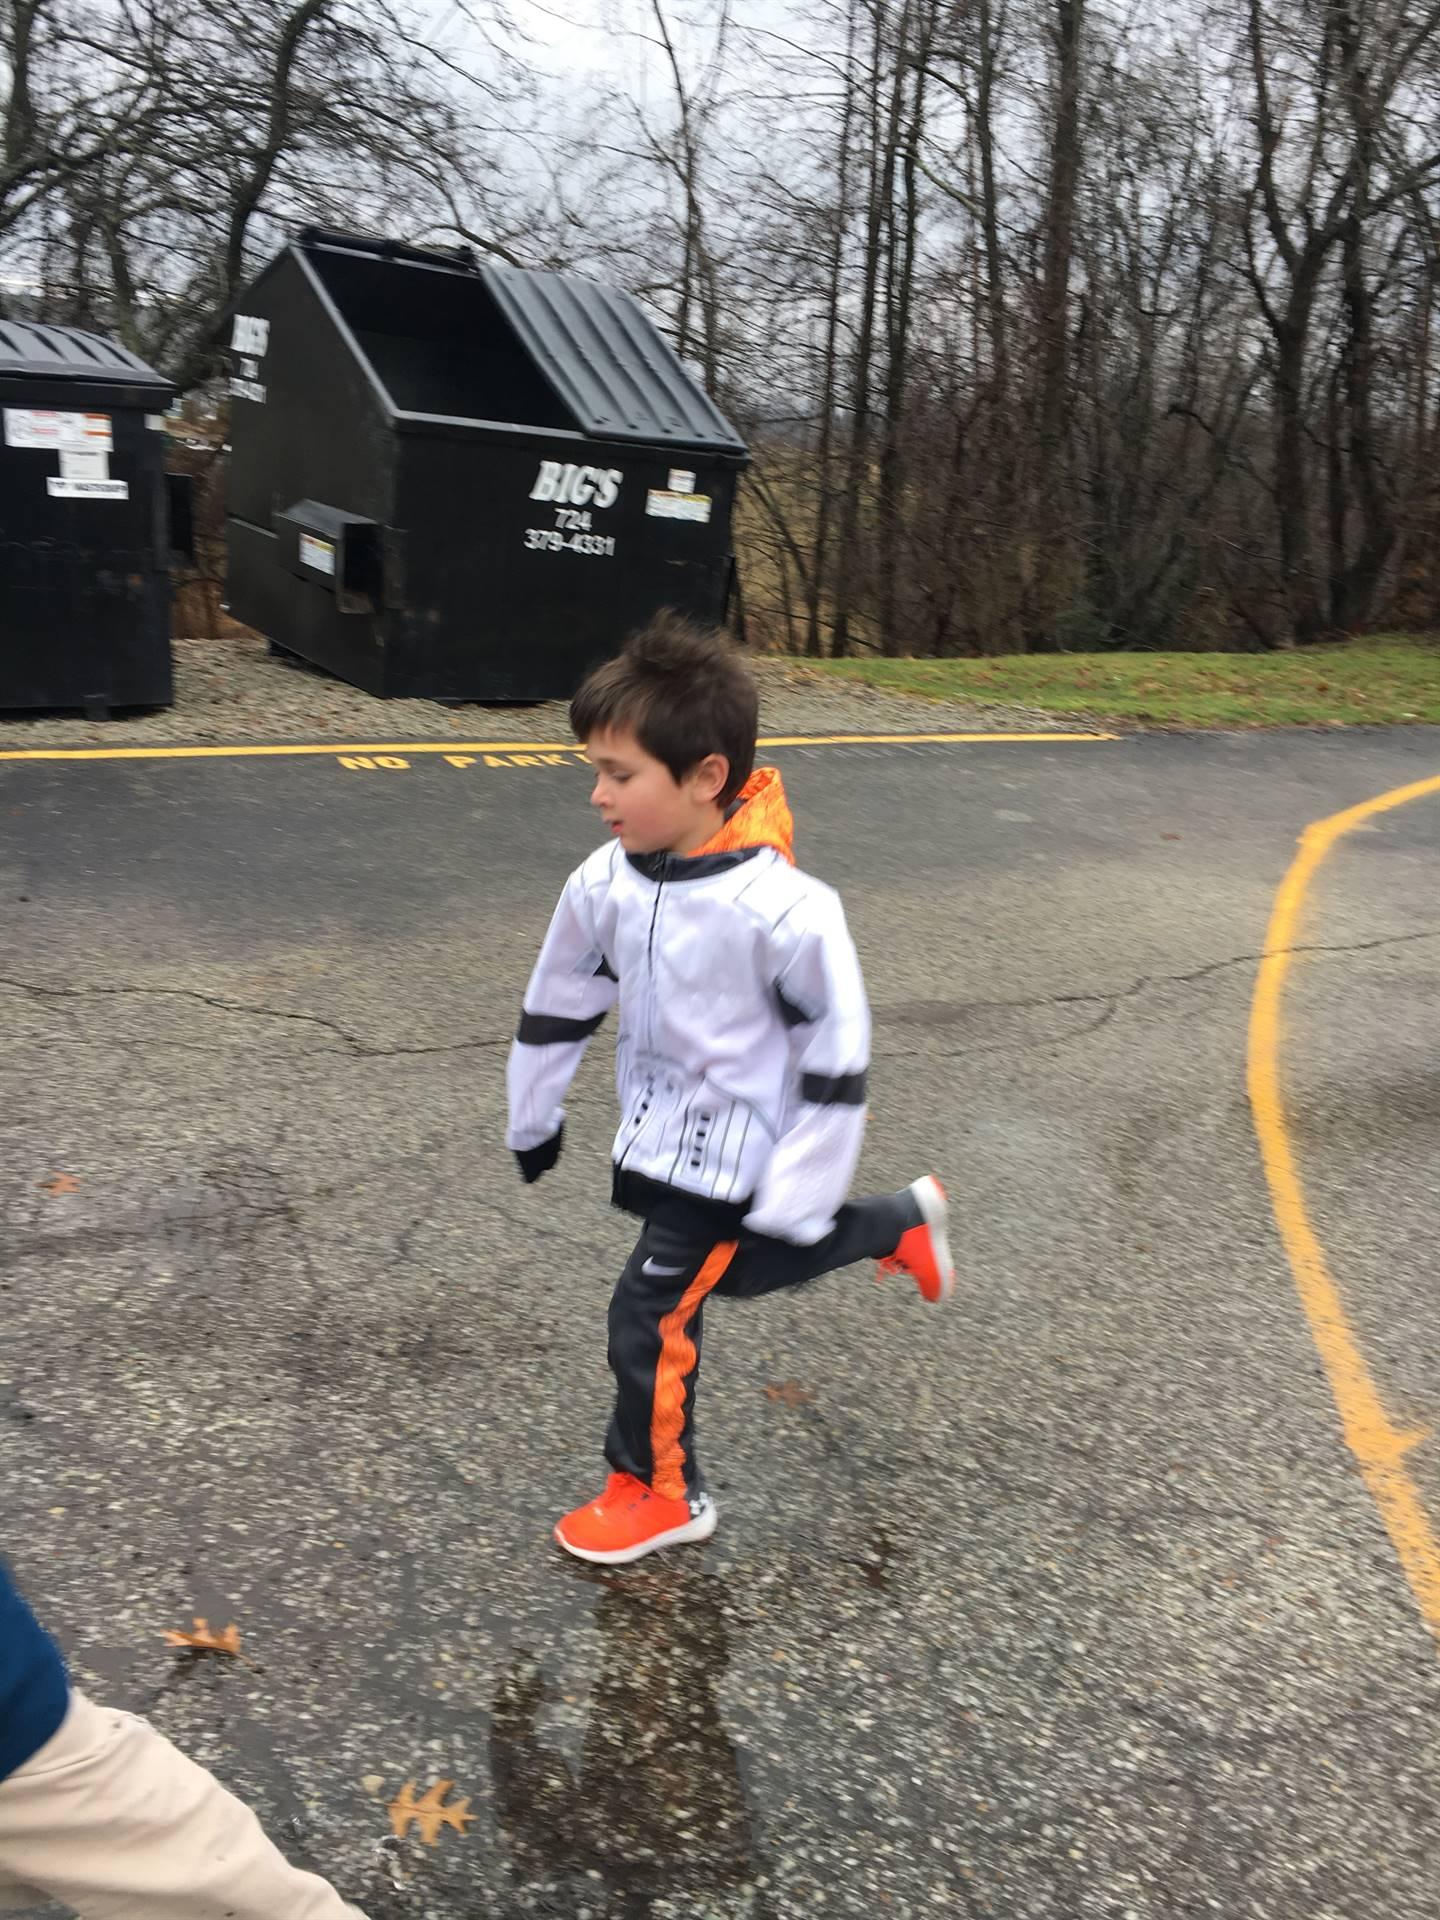 Student running outside